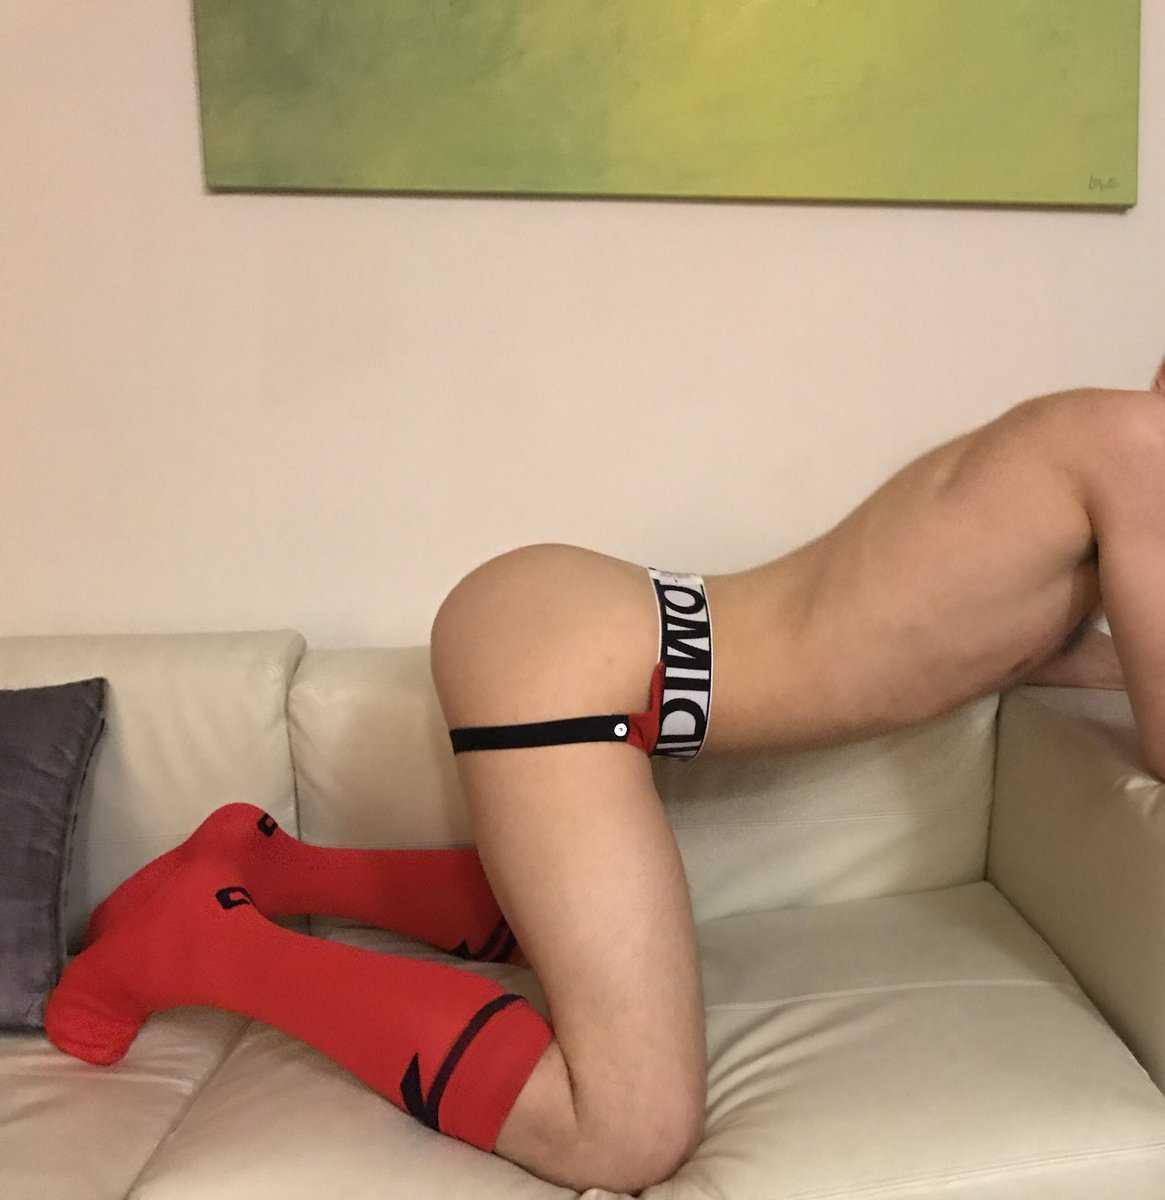 escort riccione pornoattori gay italiani